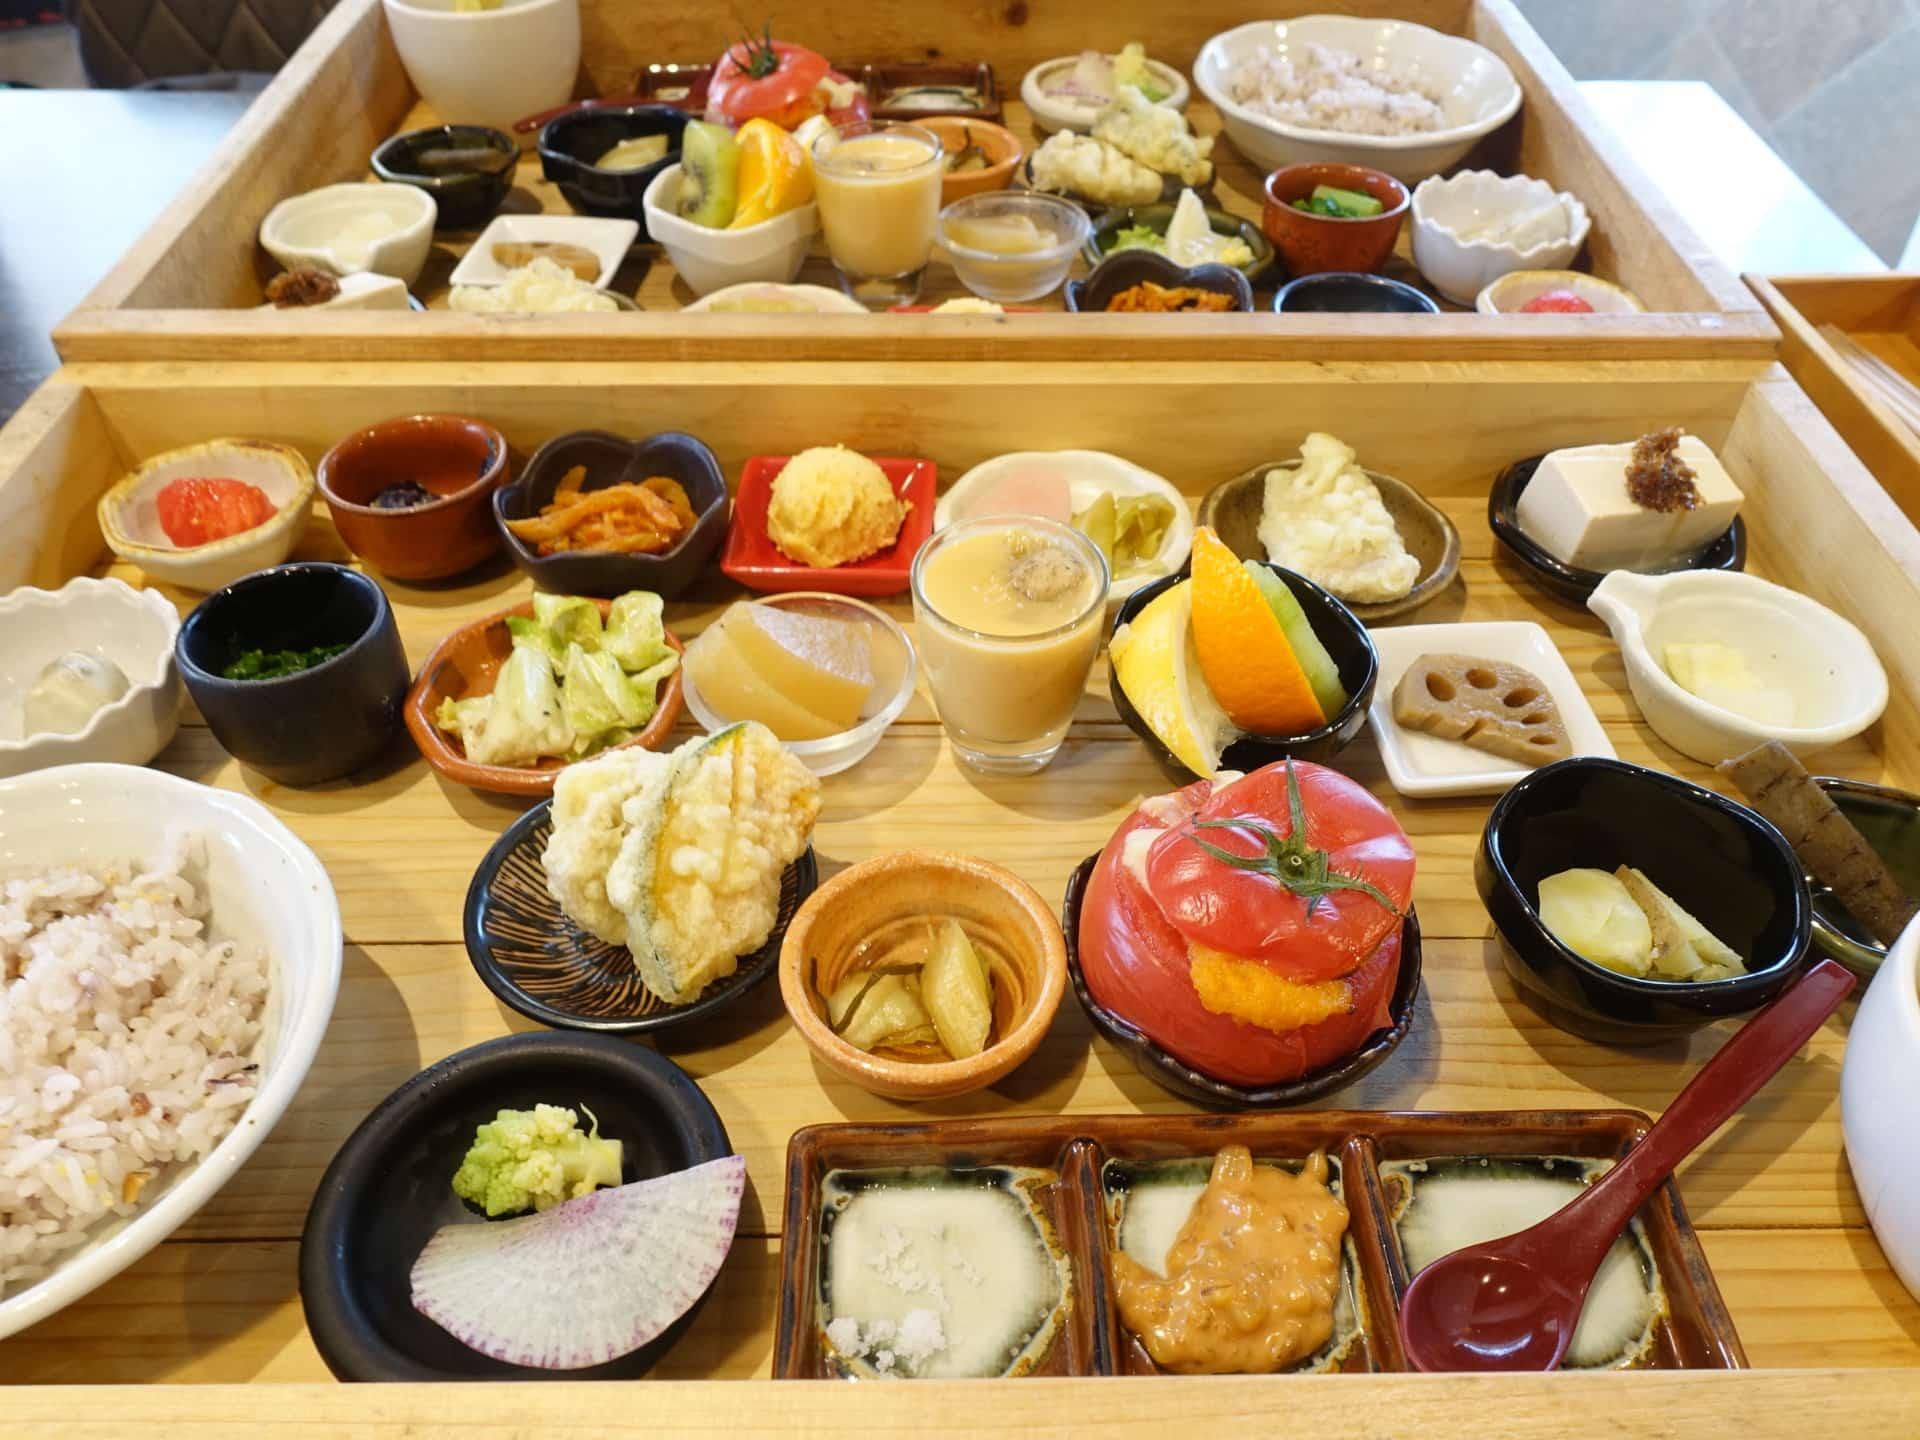 キッチン デ キッチン − 三宮で人気の福木箱ランチ!野菜がたっぷり&圧巻の品数でフォトジェニック